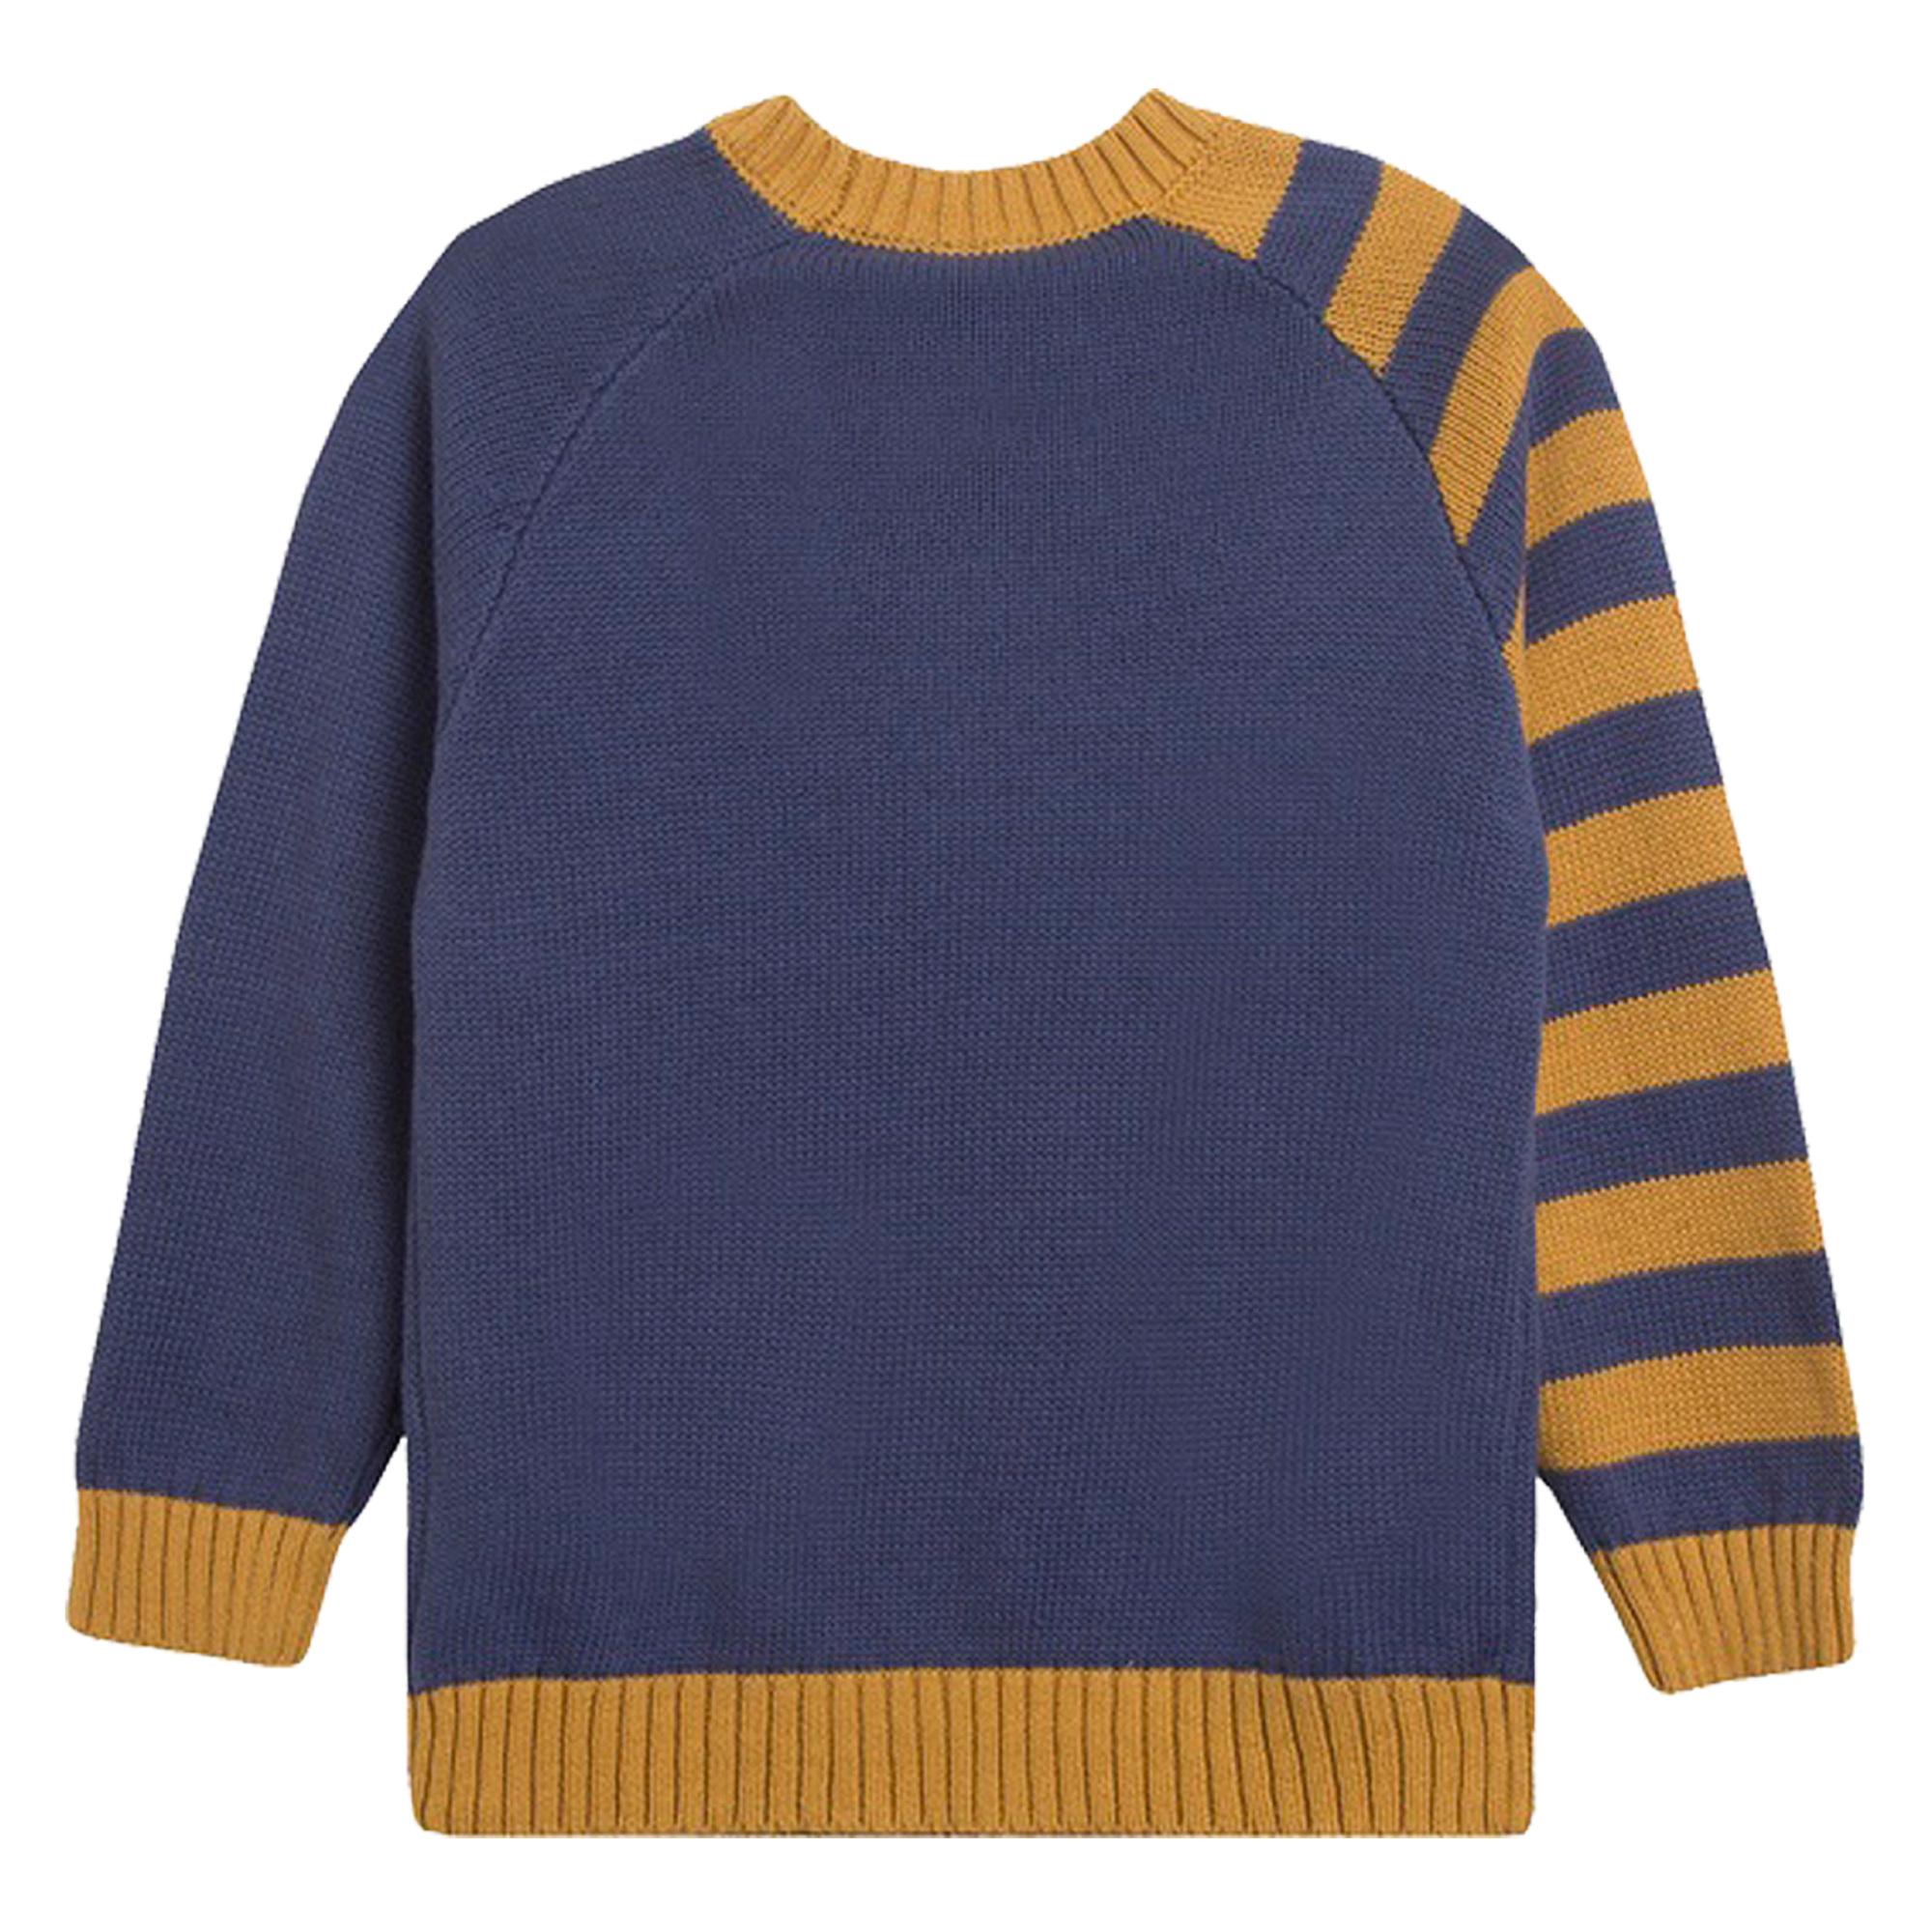 Памучен пуловер с райета и звезда от Newness в тъмно синьо